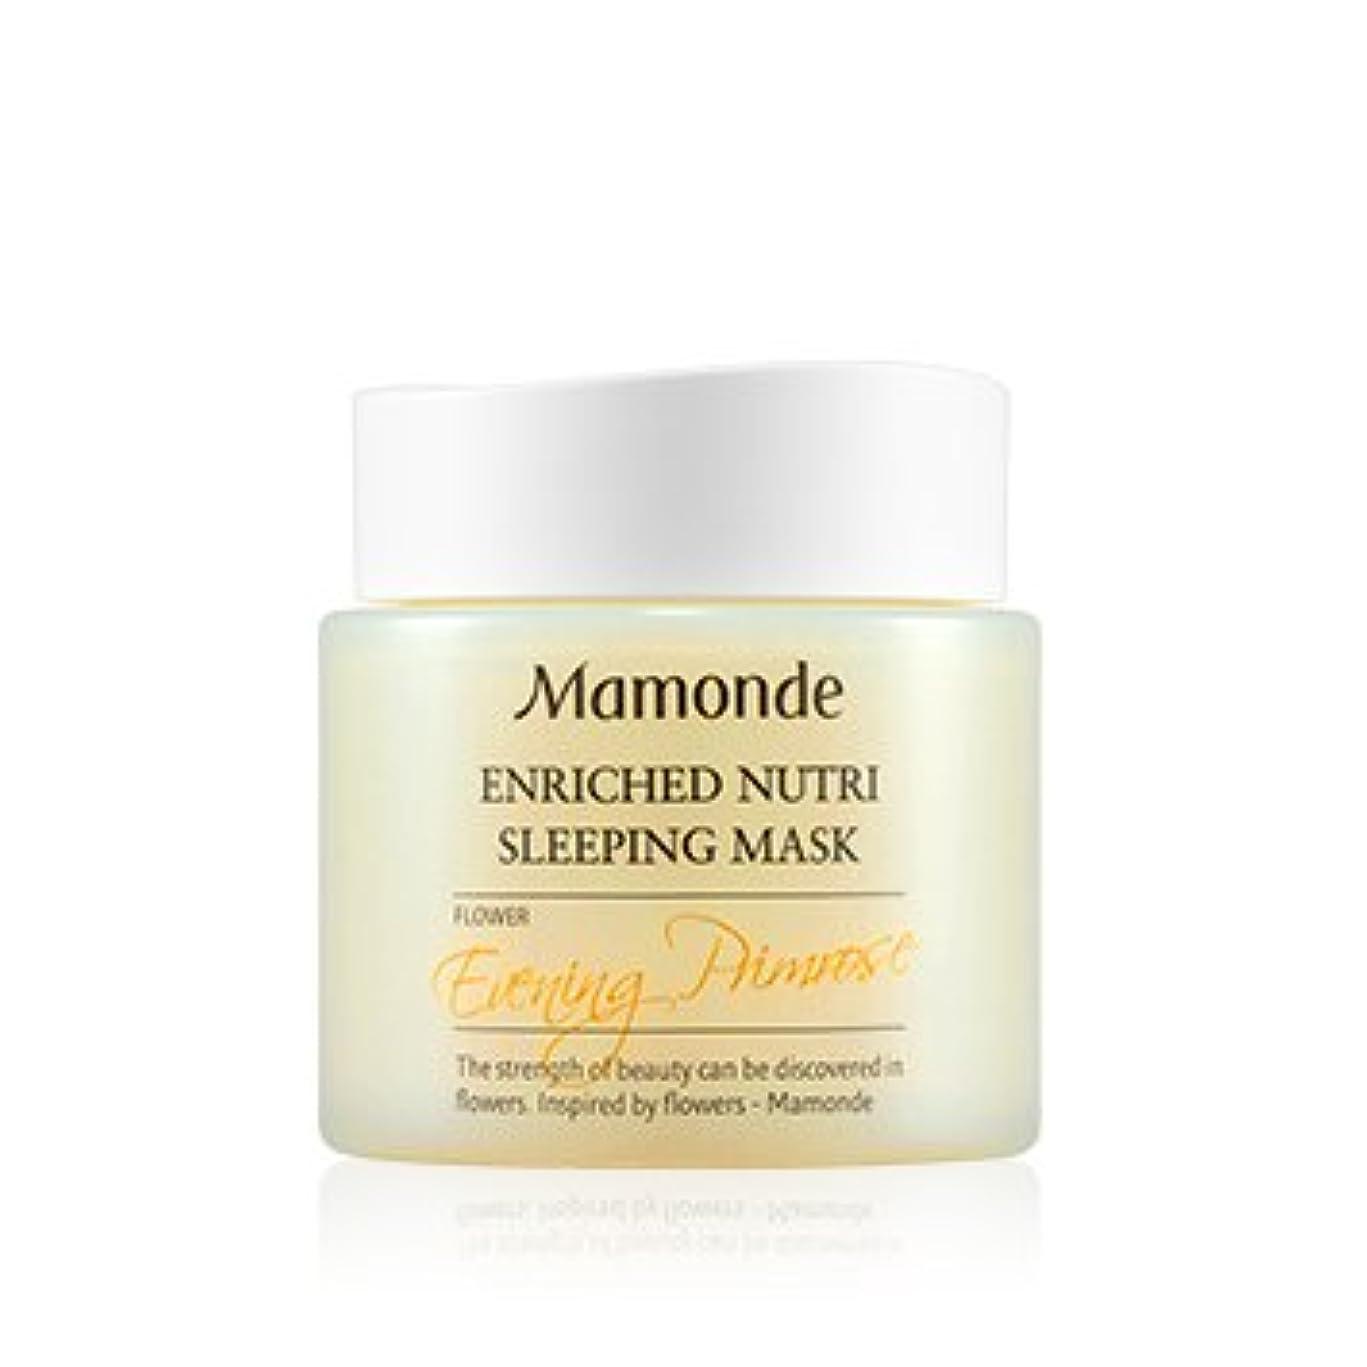 傀儡と闘う引き付ける[New] Mamonde Enriched Nutri Sleeping Mask 100ml/マモンド エンリッチド ニュートリ スリーピング マスク 100ml [並行輸入品]